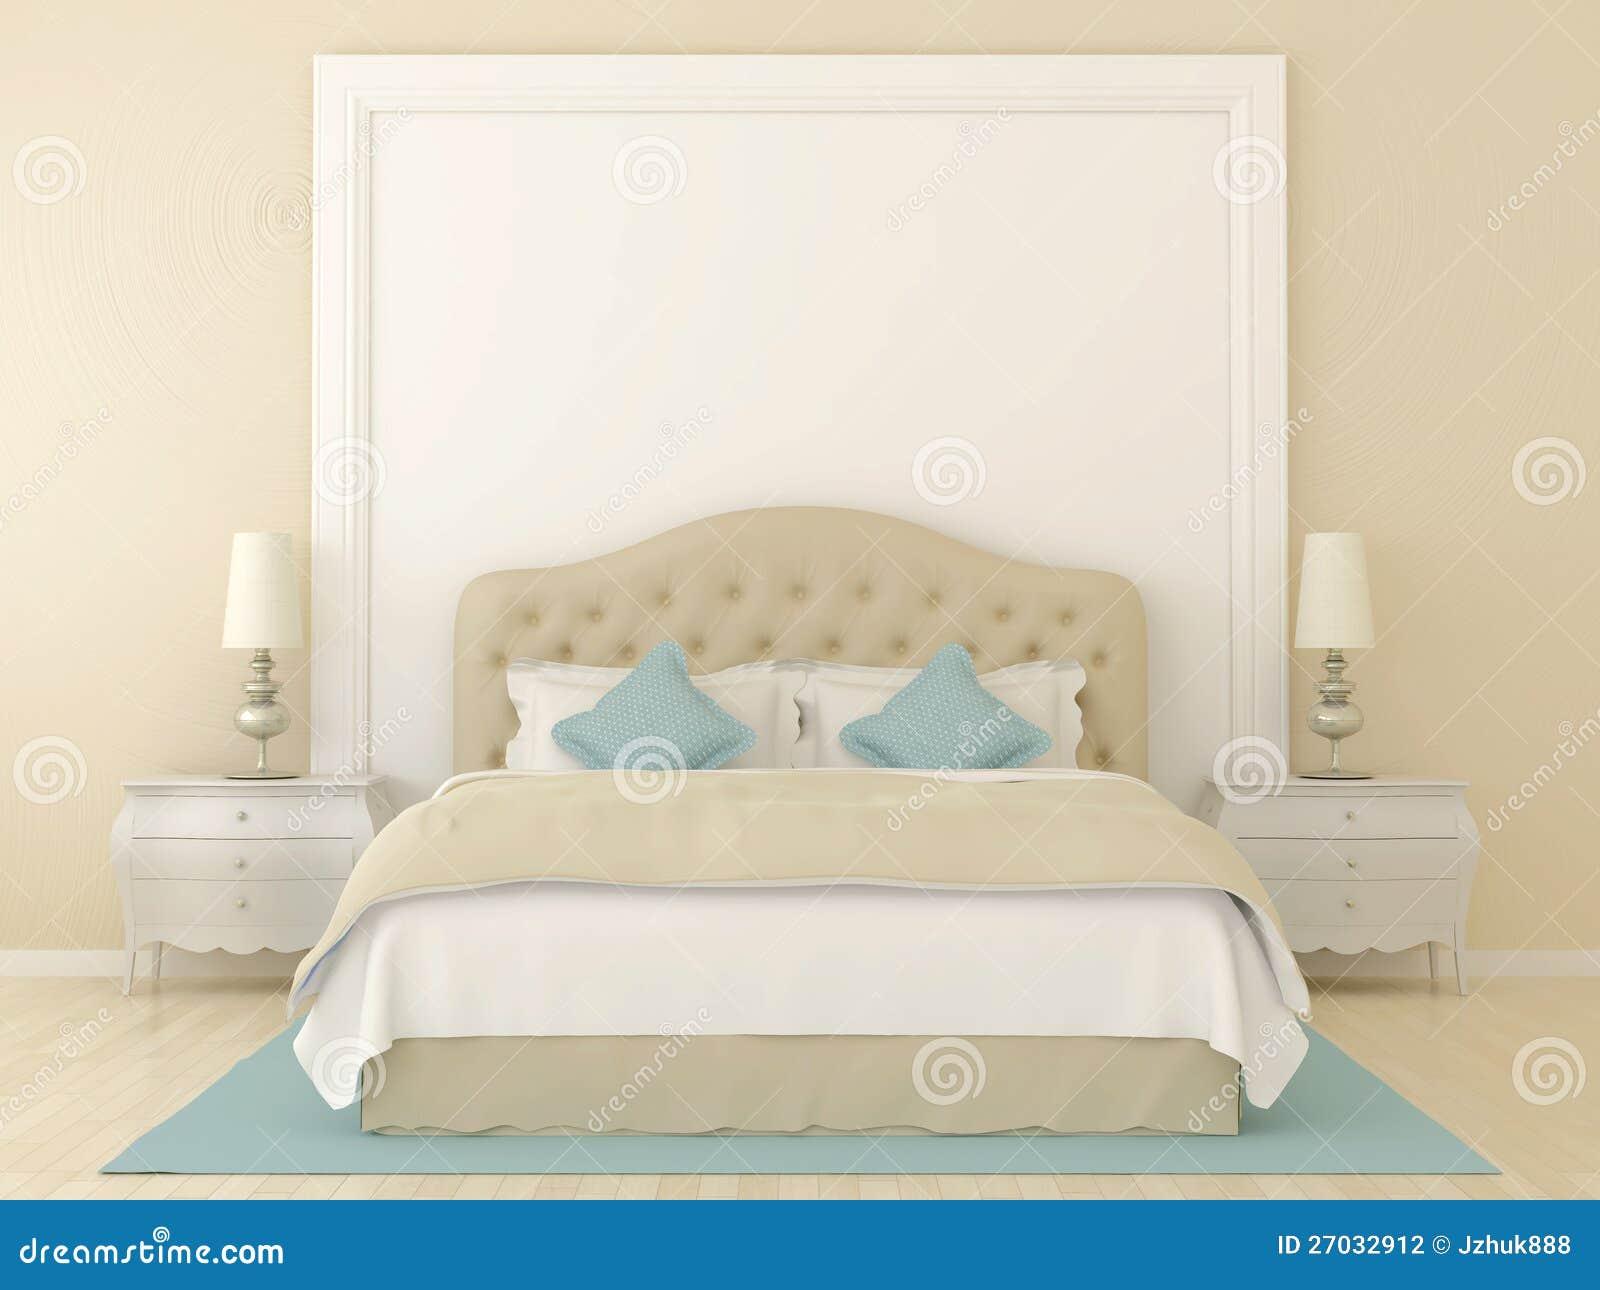 Sypialnia w miu0119kkich beu017cowych kolorach z bu0142u0119kitny dekoracju0105. Nad ...